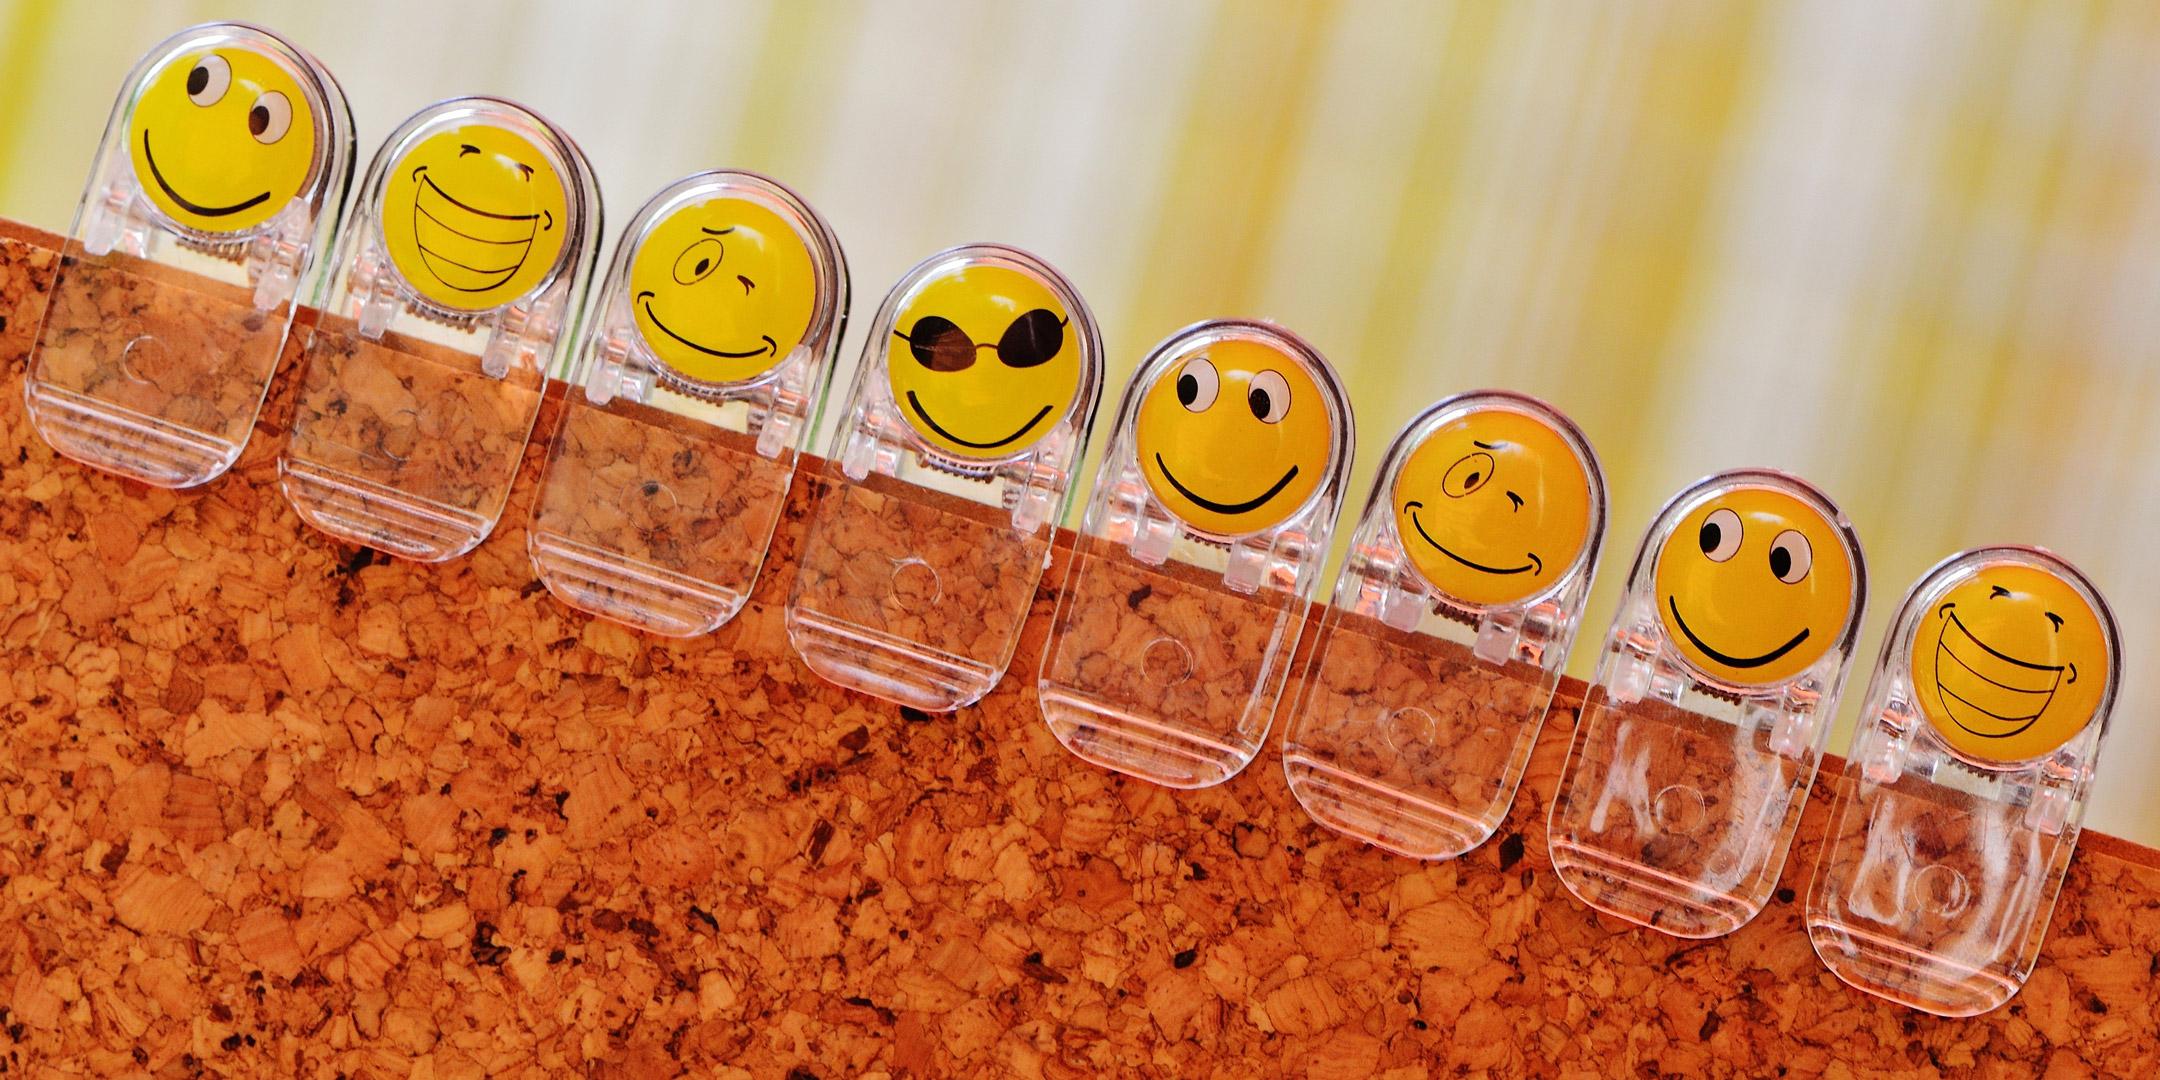 Emotionele vaardigheden als creatieve prikkel|Emotionele vaardigheden als creatieve prikkel